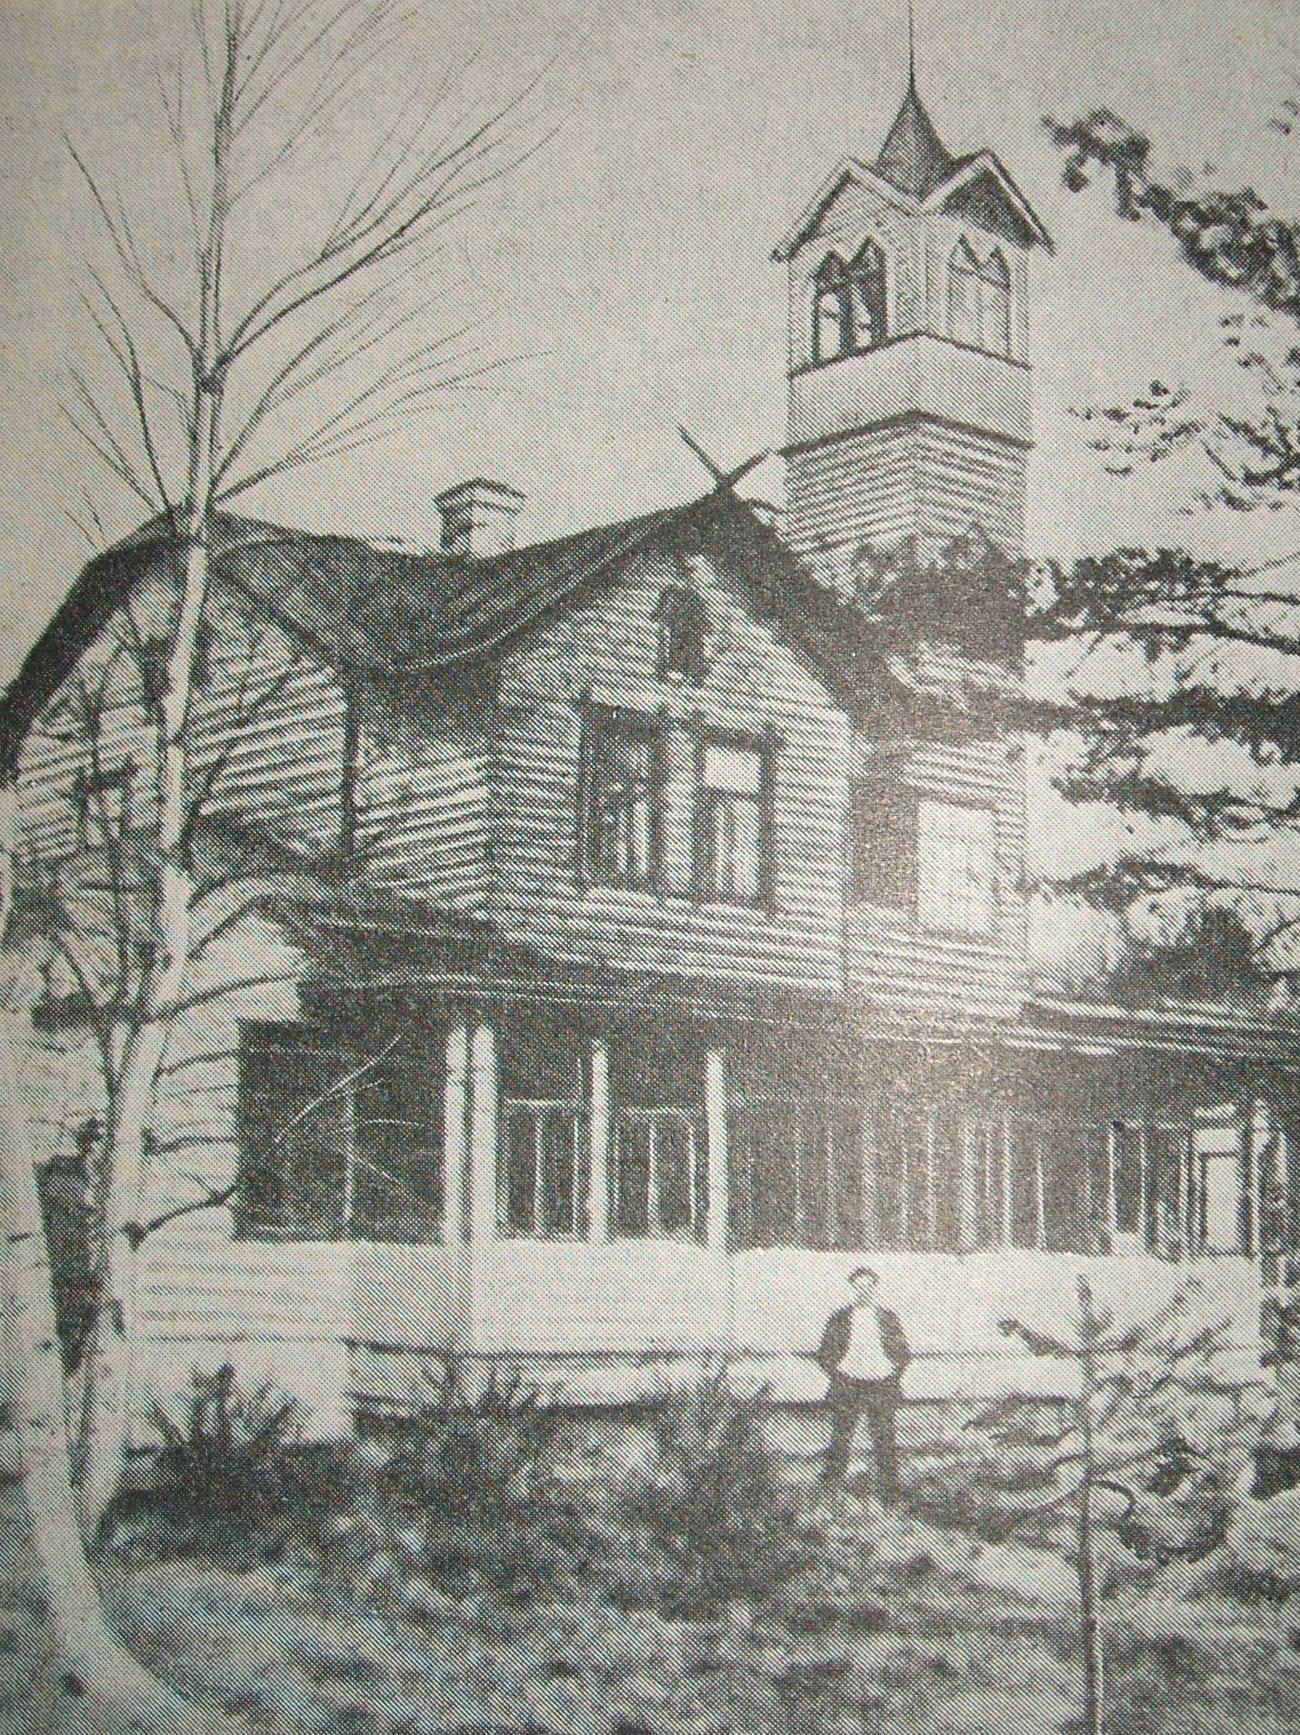 Una delle ambientazioni di Proletkult: Villa Vasa a Kuokkala, oggi Repino (Russia). Qui Lenin e Bogdanov trascorsero l'estate 1907.